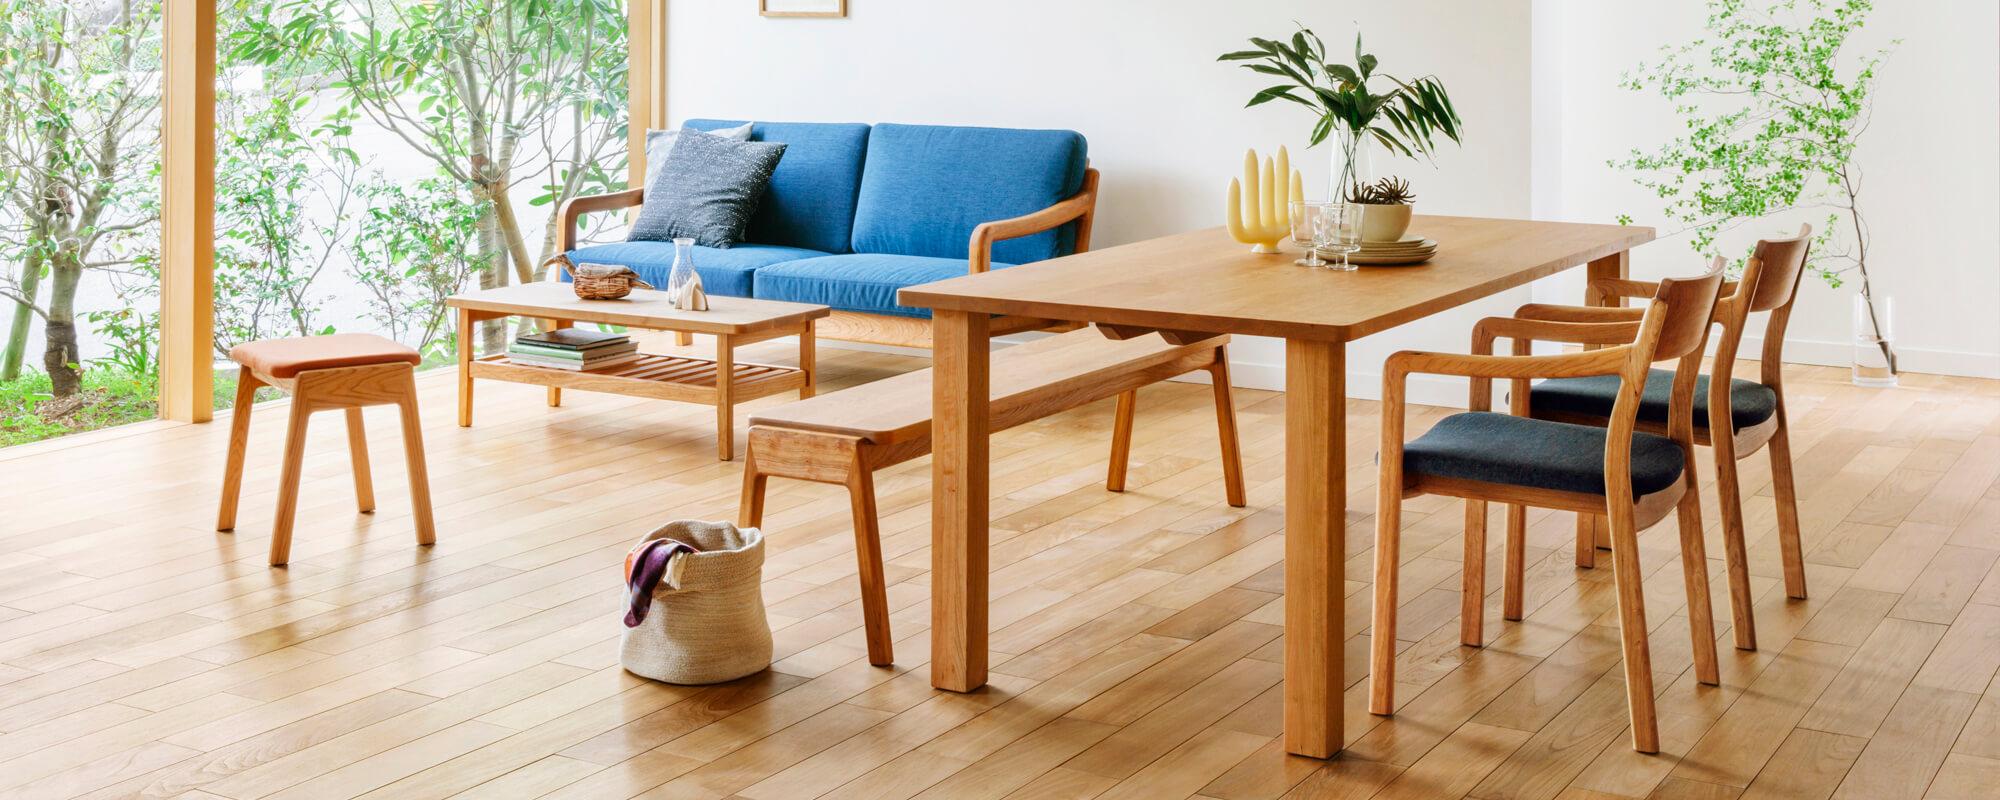 オーダーで叶える理想のテーブル。暮らしに合わせたテーブルサイズの決め方とは